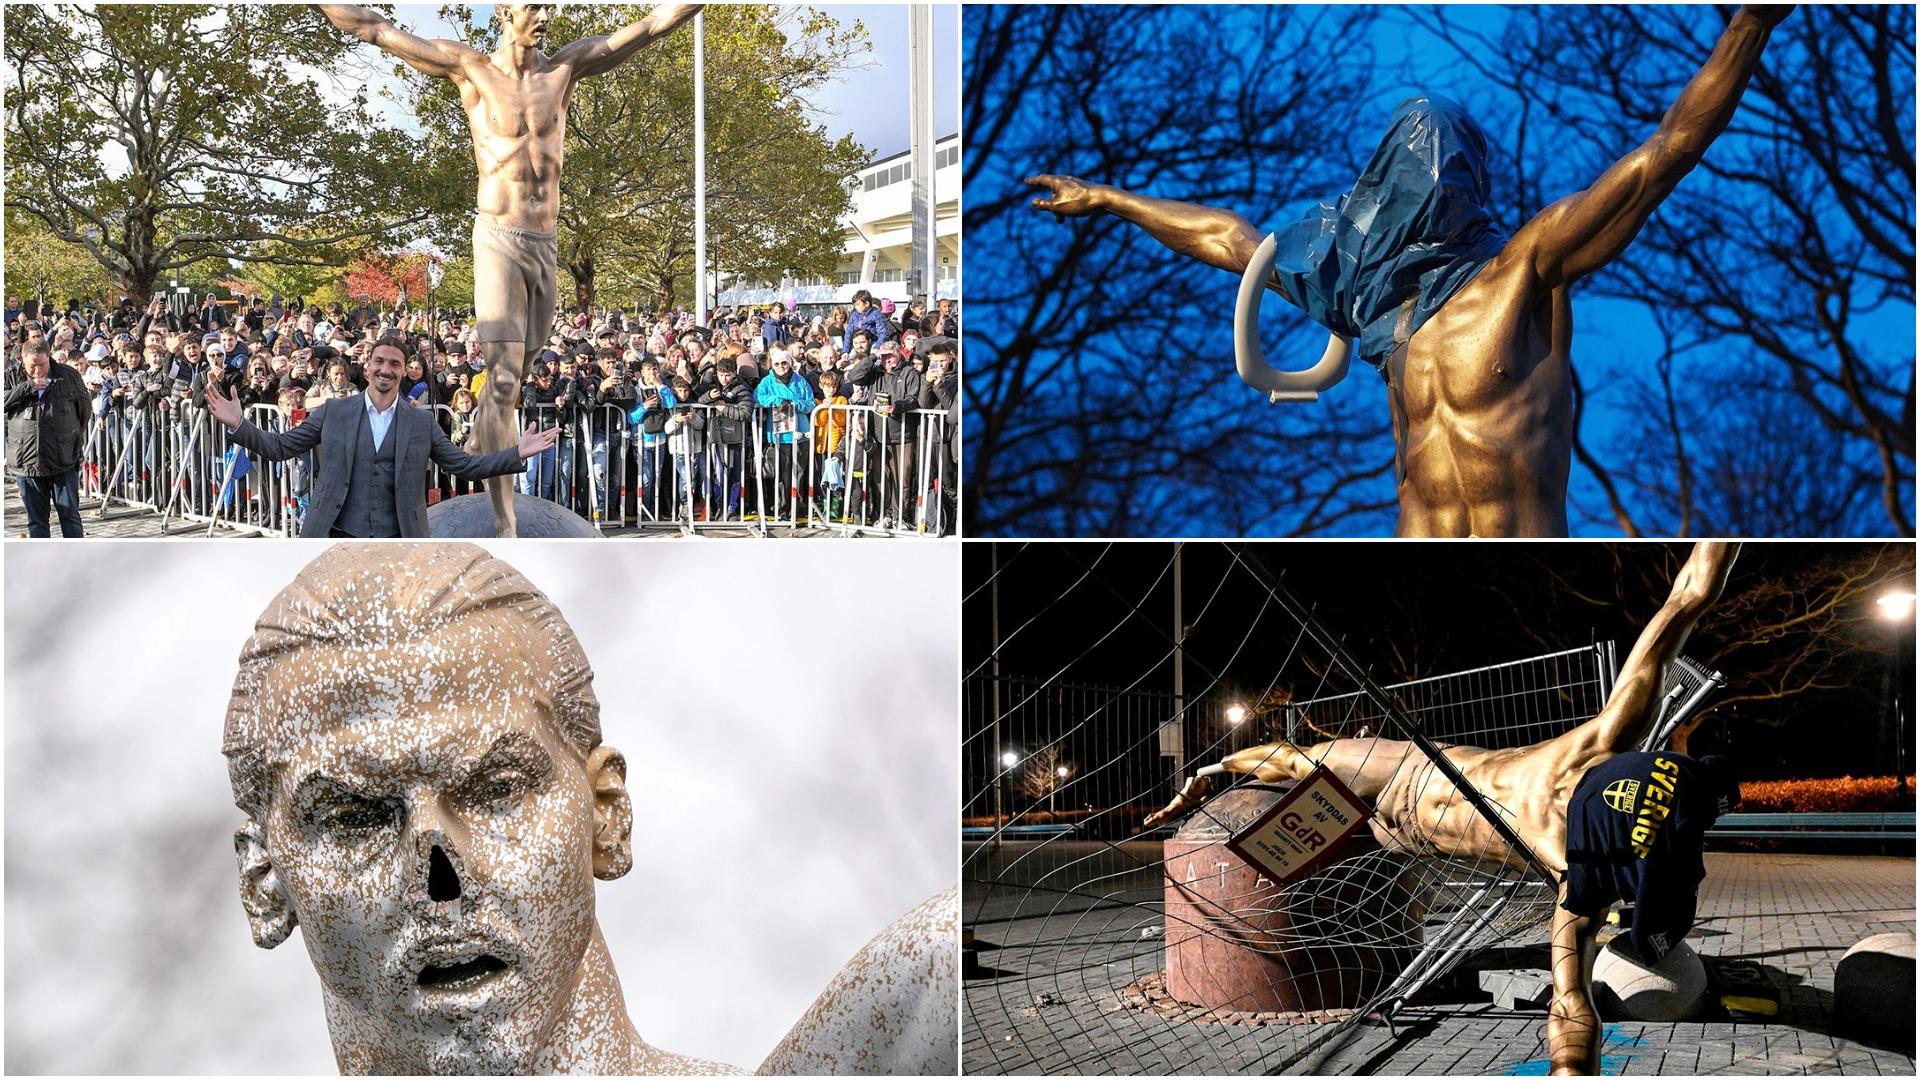 Sulme të vazhdueshme, autoritetet detyrohen të lëvizin statujën e Ibrahimovic